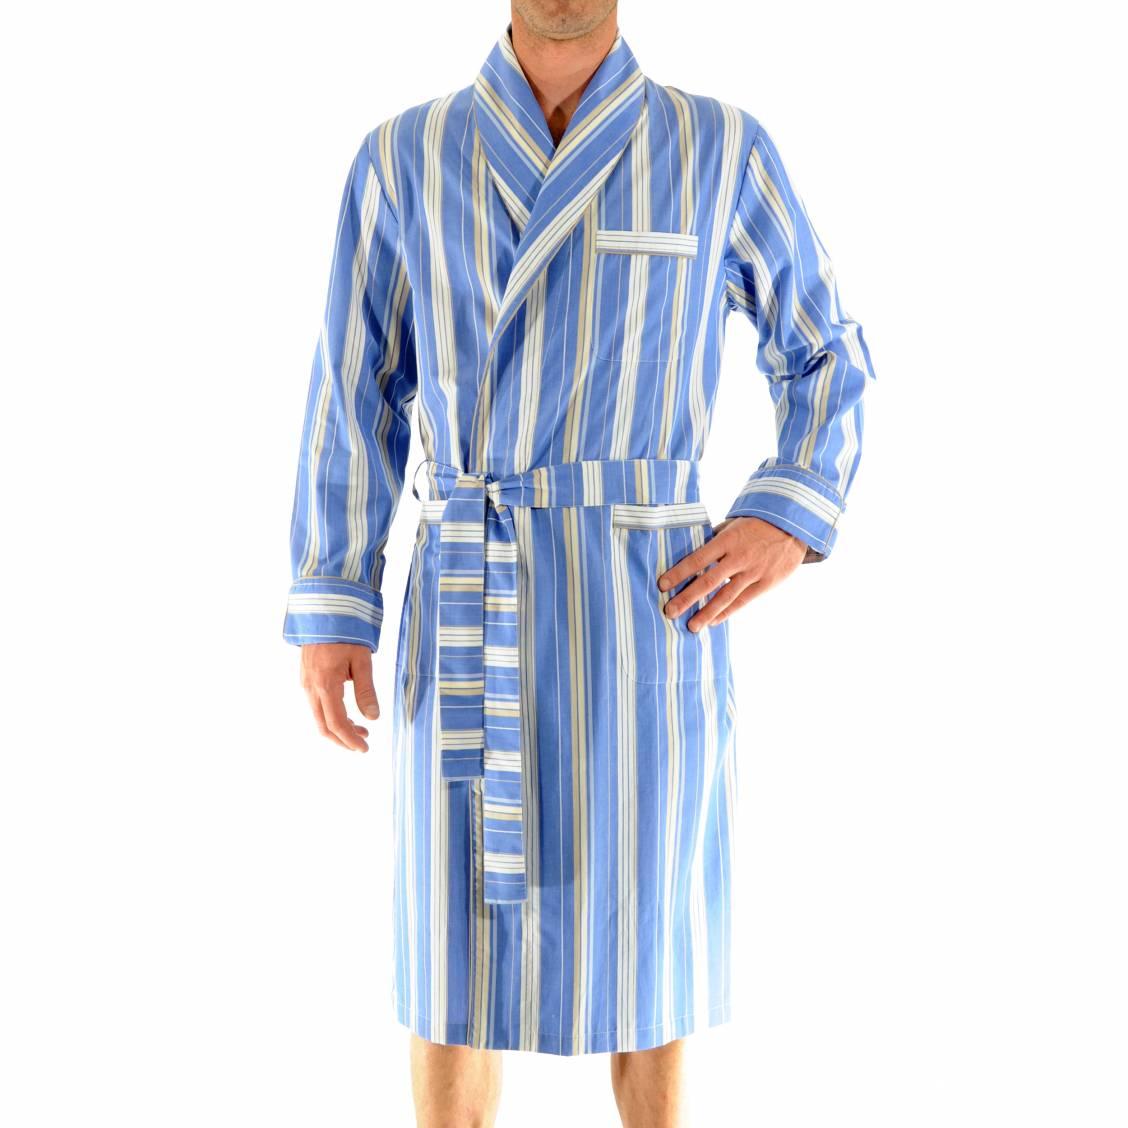 peignoir femme c et a peignoir homme en coton pas cher. Black Bedroom Furniture Sets. Home Design Ideas